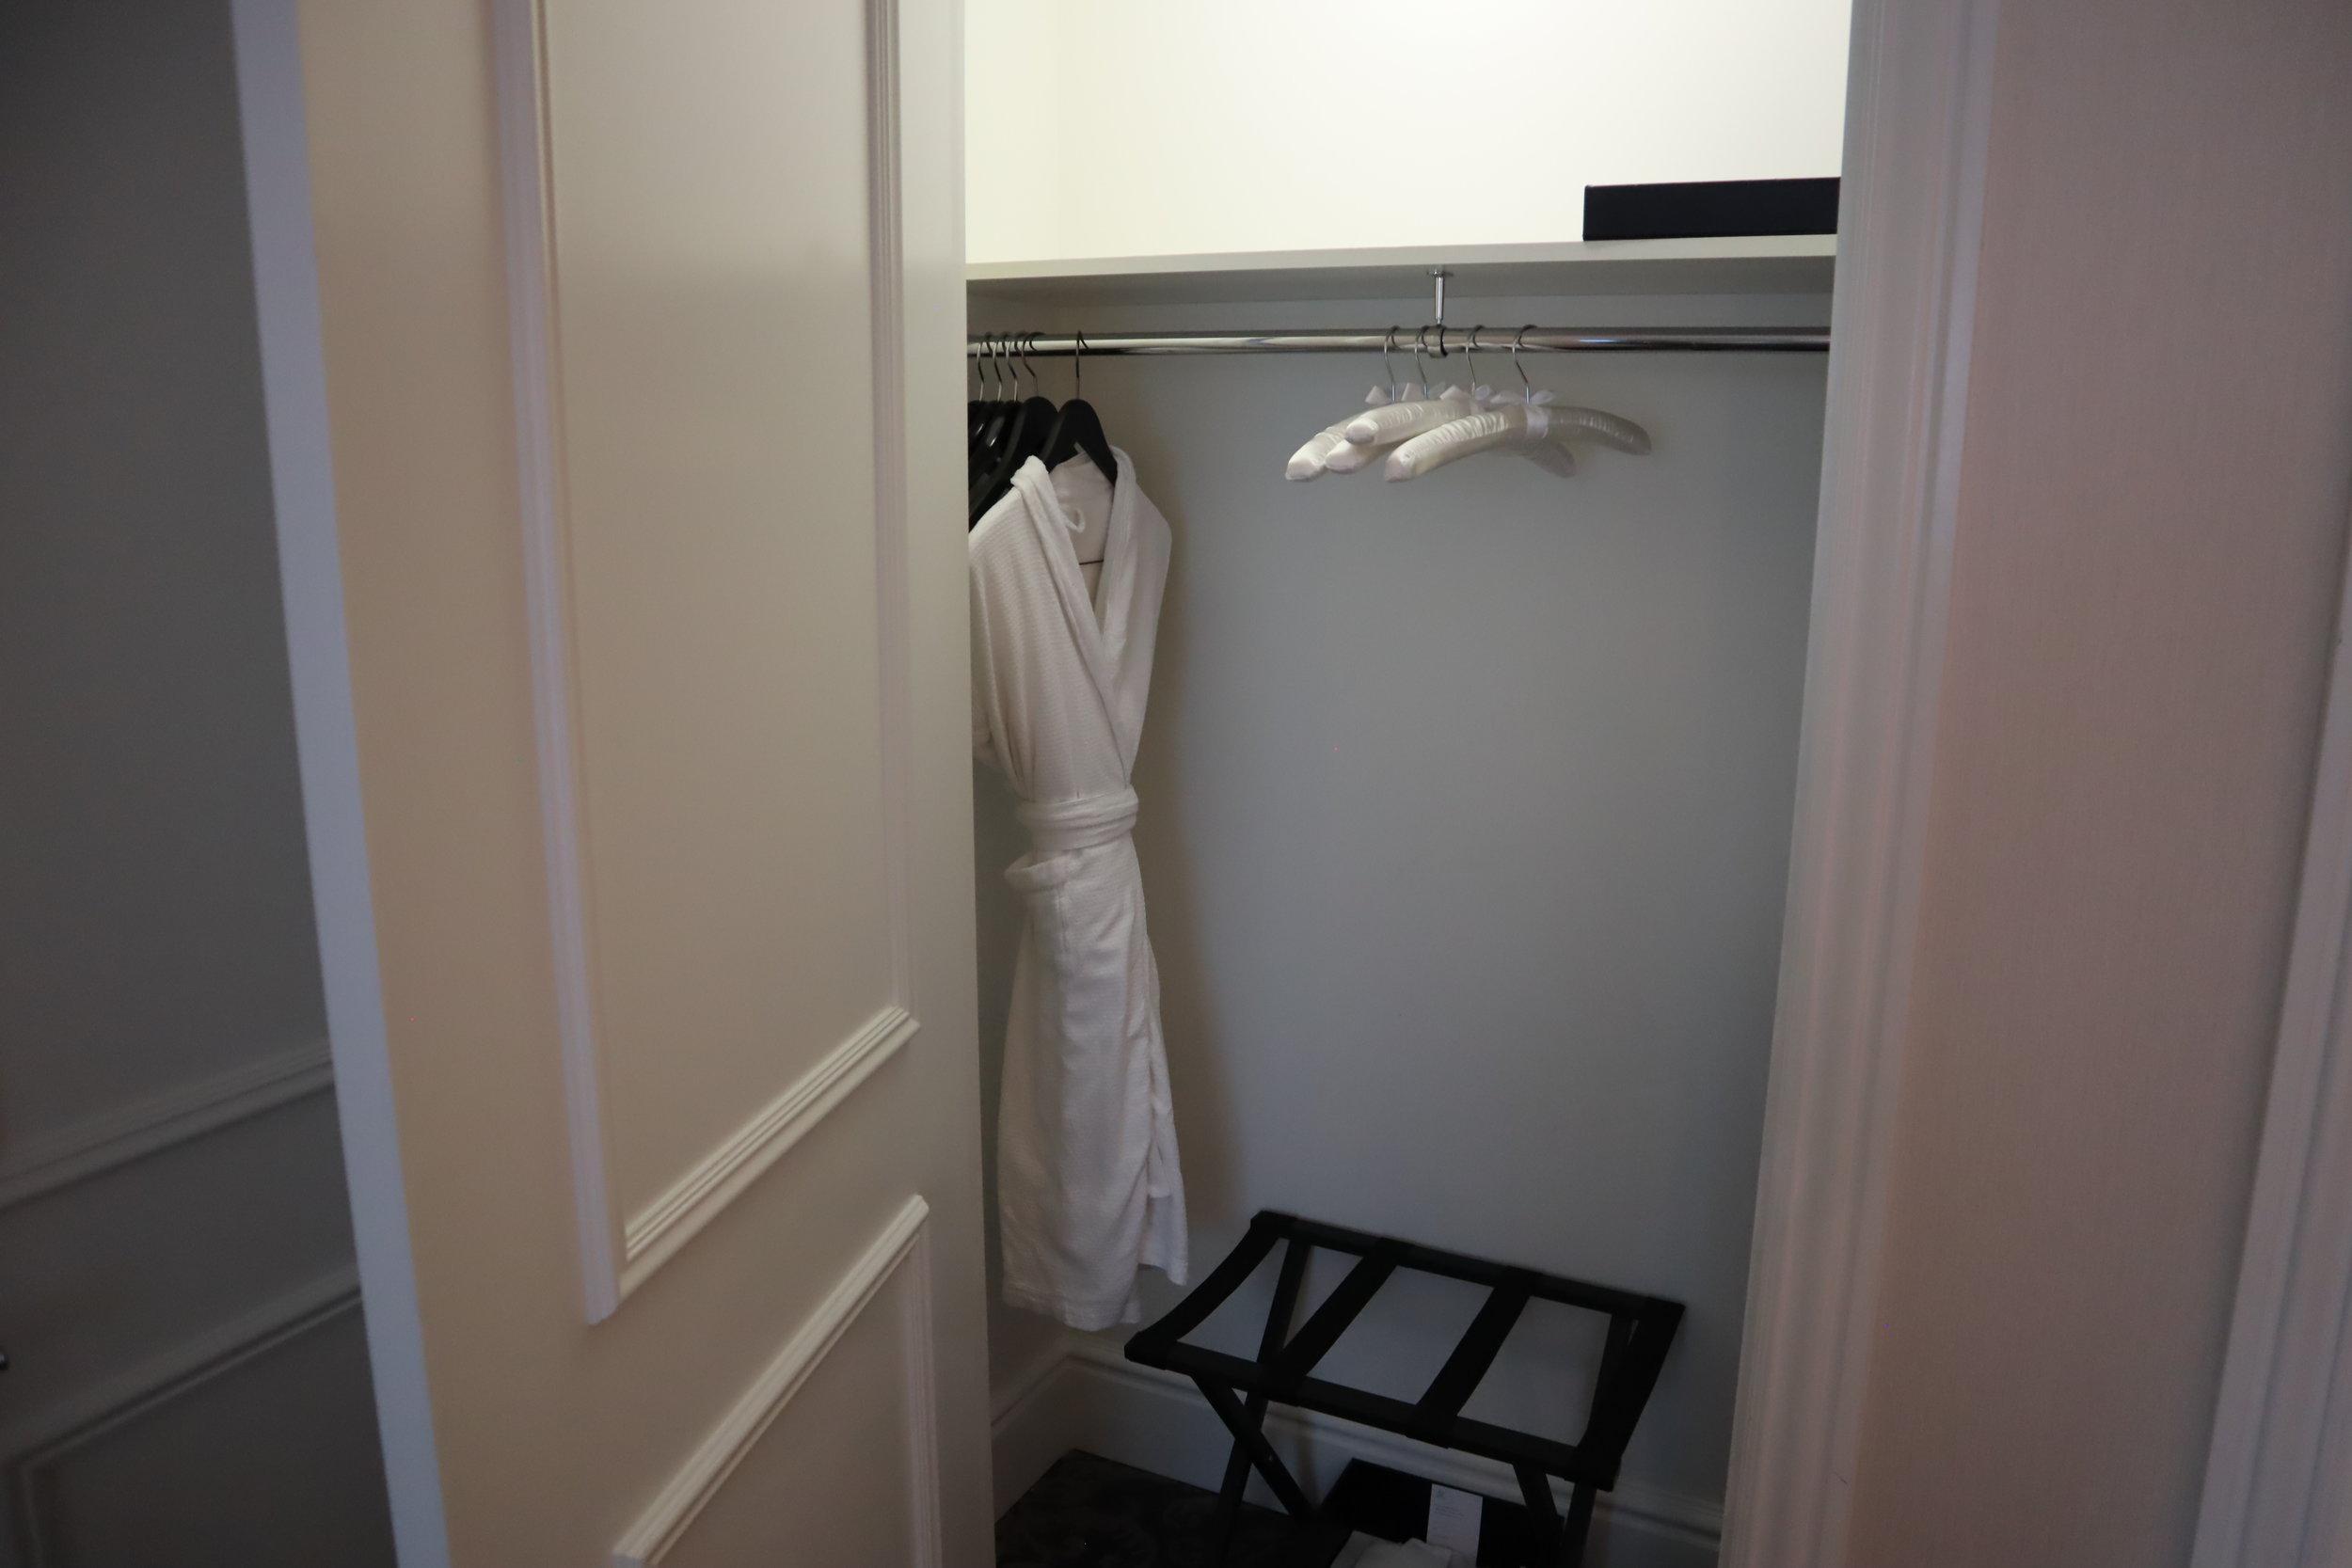 St. Regis Toronto – Two-bedroom suite guest bedroom closet